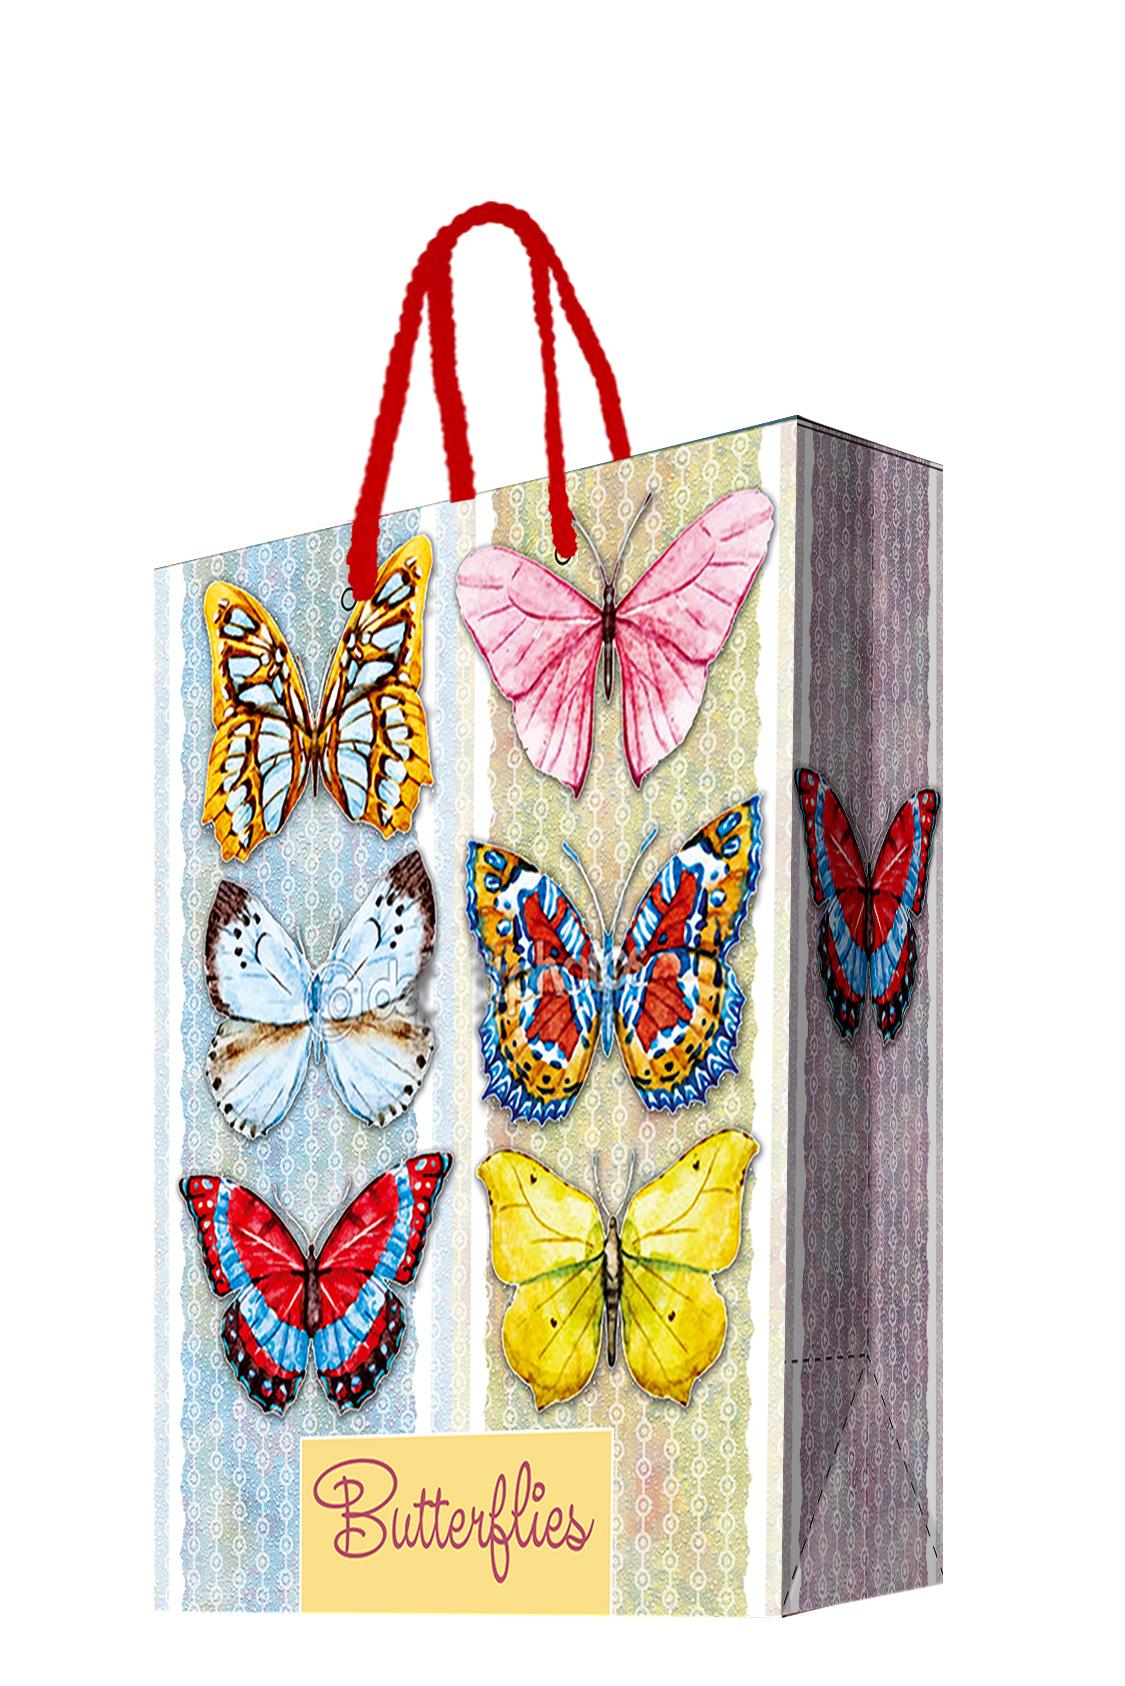 Пакет подарочный Magic Home Тропические бабочки, 17,8 х 22,9 х 9,8 смNLED-454-9W-BKПодарочный пакет Magic Home, изготовленный из плотной бумаги, станет незаменимым дополнением к выбранному подарку. Дно изделия укреплено картоном, который позволяет сохранить форму пакета и исключает возможность деформации дна под тяжестью подарка. Пакет выполнен с глянцевой ламинацией, что придает ему прочность, а изображению - яркость и насыщенность цветов. Для удобной переноски имеются две ручки в виде шнурков.Подарок, преподнесенный в оригинальной упаковке, всегда будет самым эффектным и запоминающимся. Окружите близких людей вниманием и заботой, вручив презент в нарядном, праздничном оформлении.Плотность бумаги: 140 г/м2.